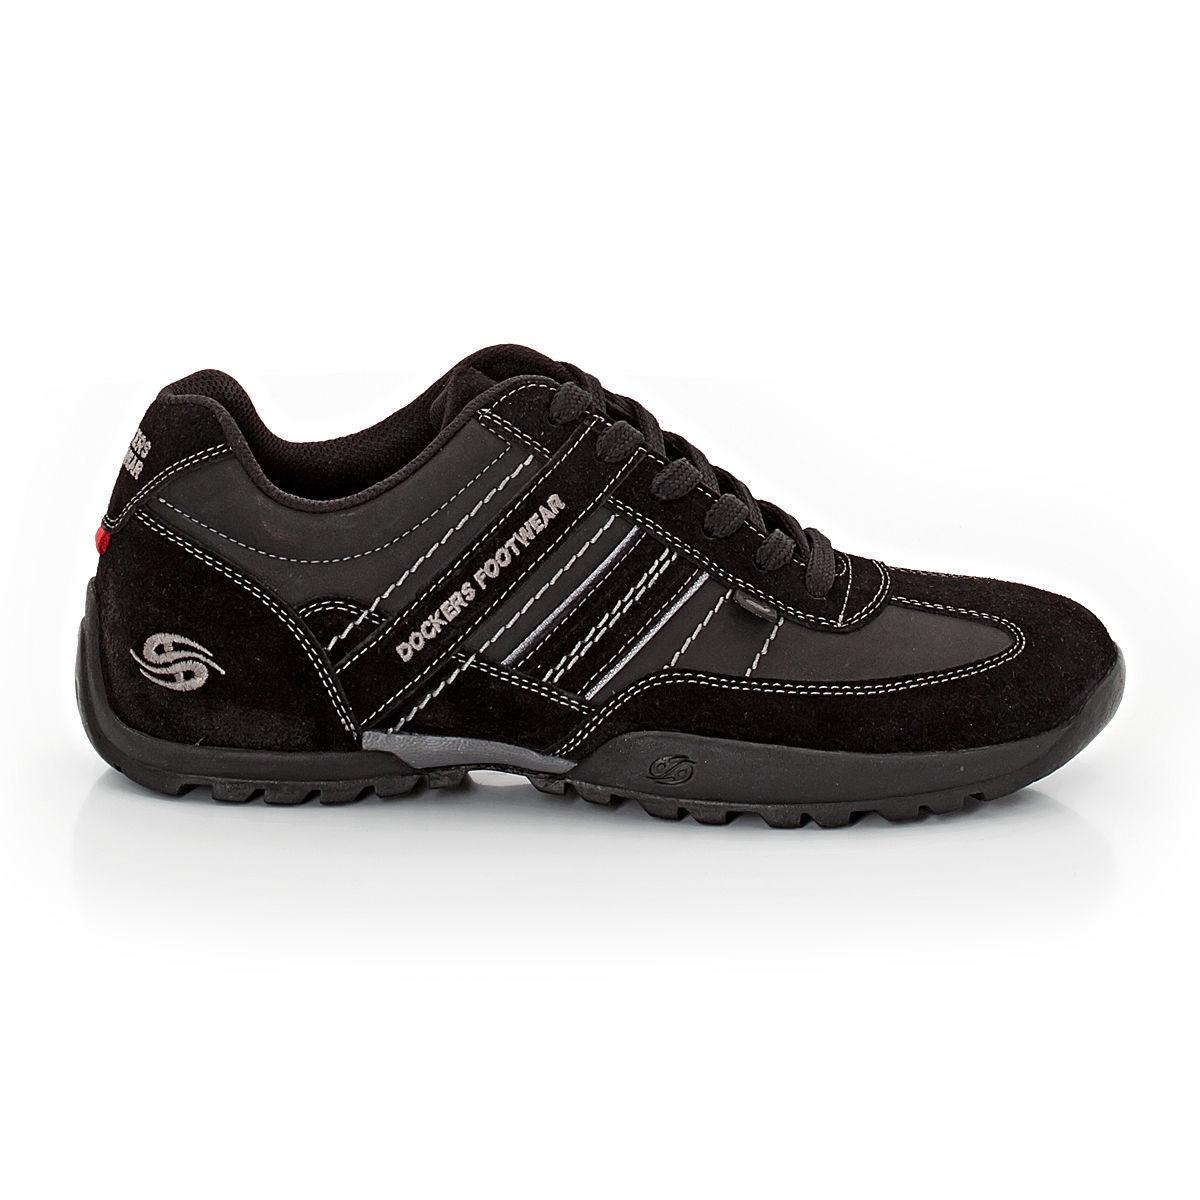 Halbschuhe Gerli By Schuhe Dockers Herren Schwarz Sneakers 322530 rdCWBoQxe